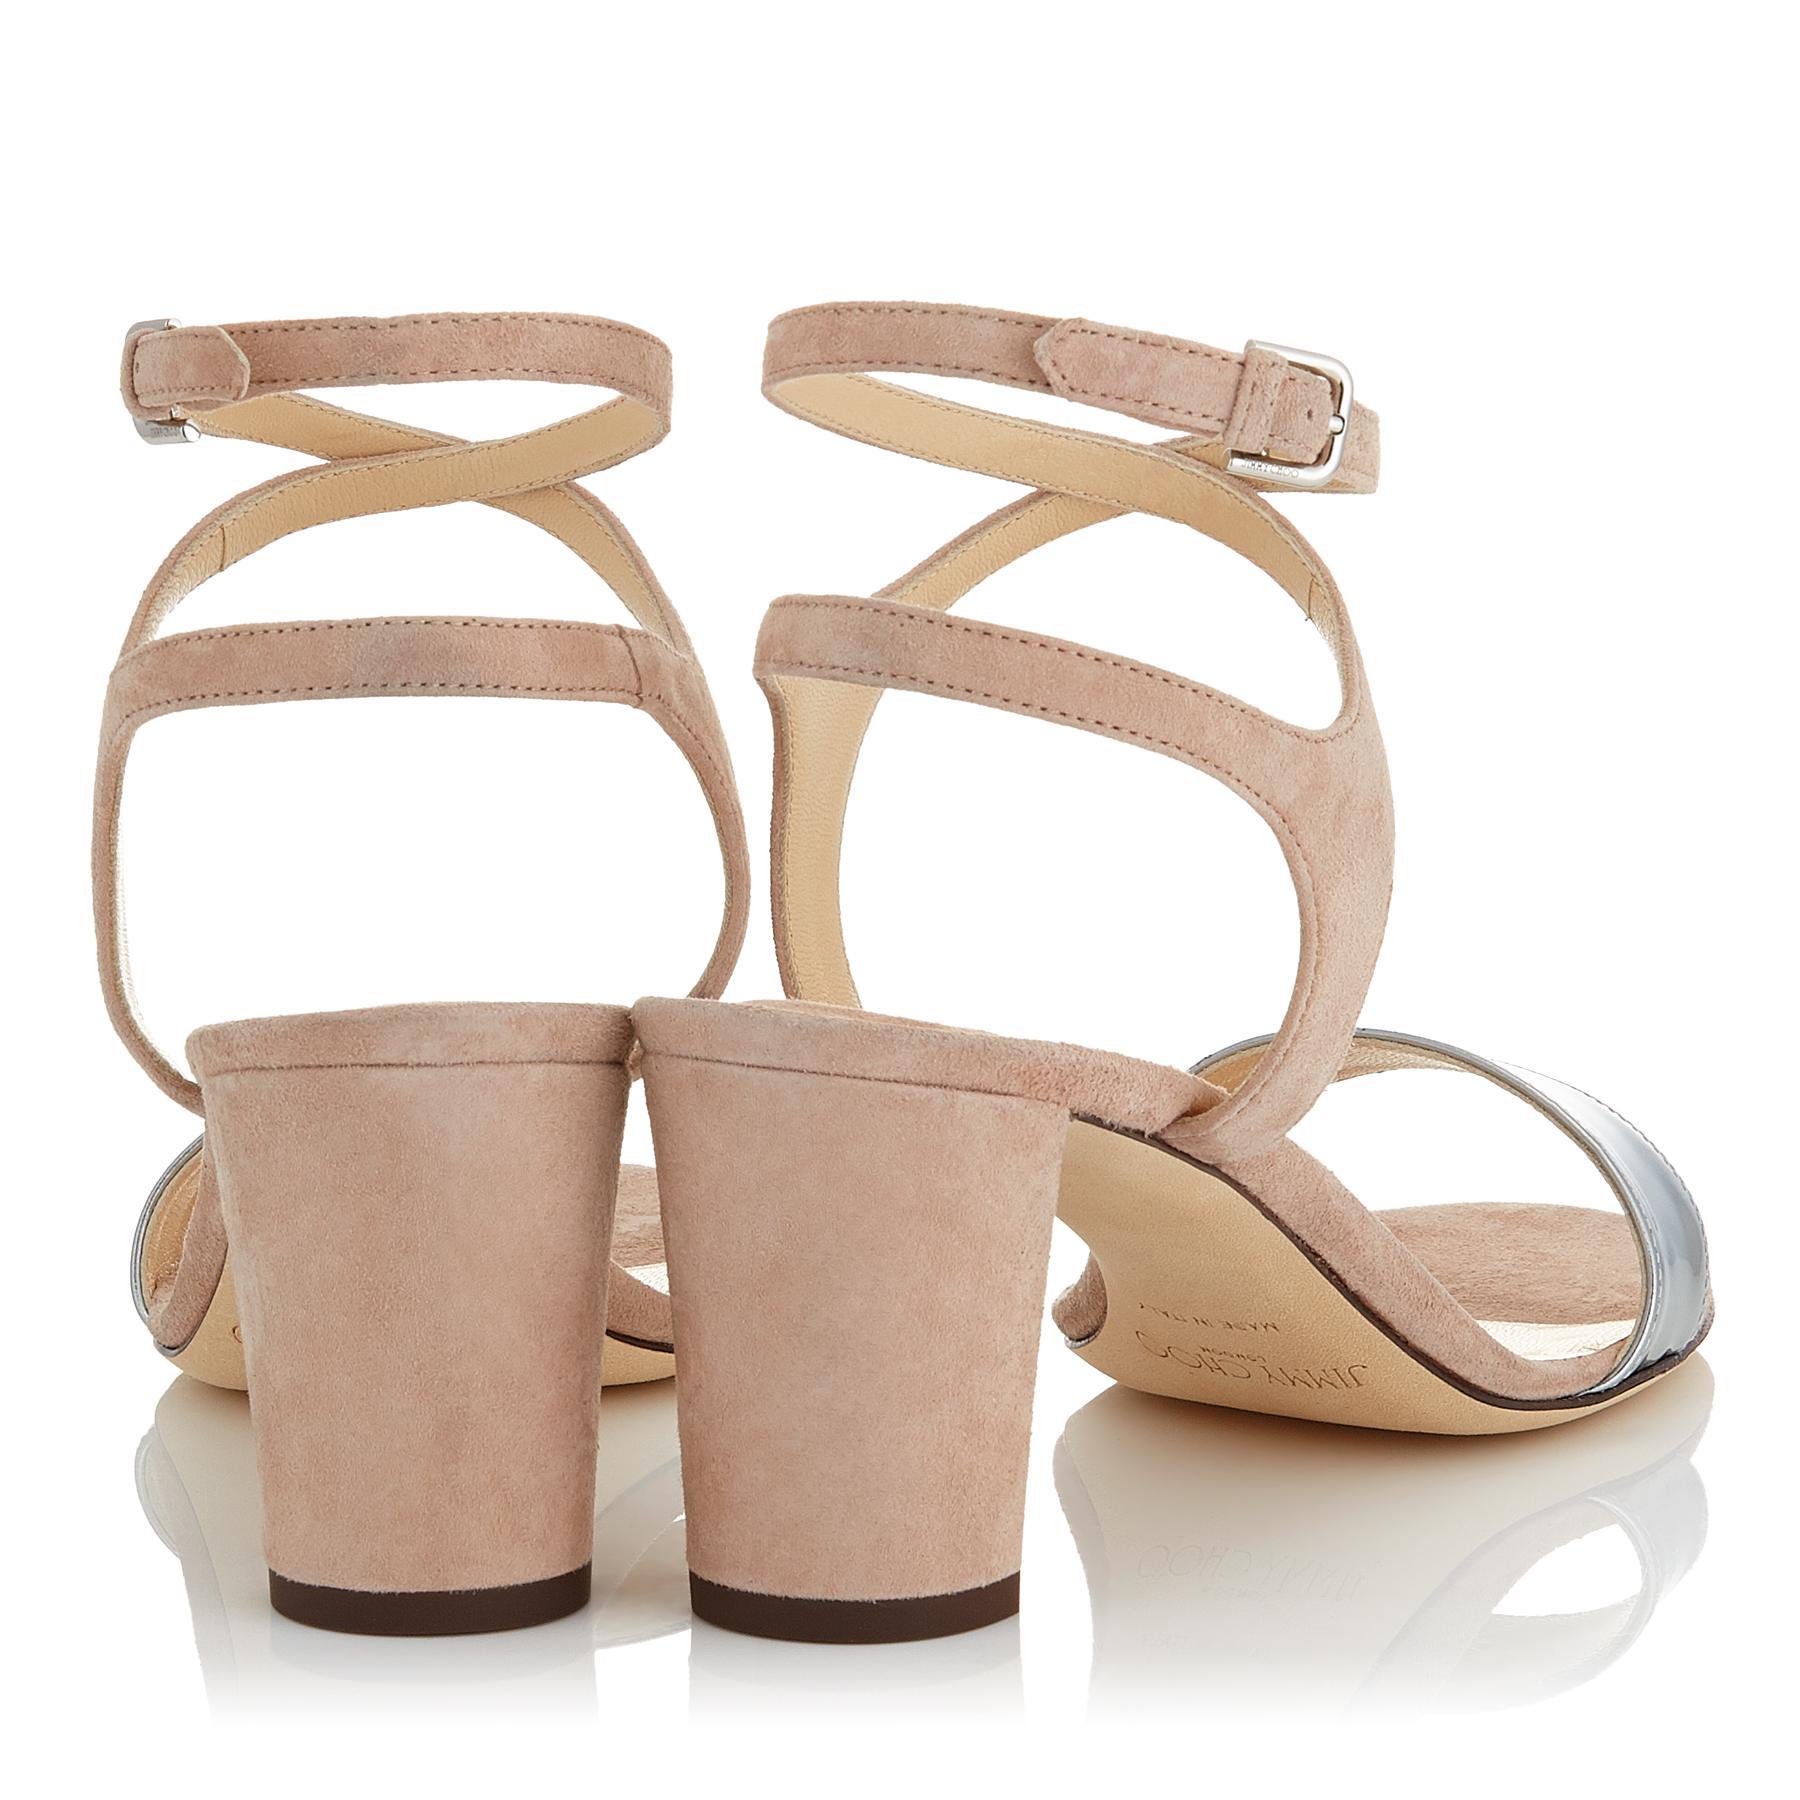 eb1e0ddfdb51 Lyst - Jimmy Choo Marine 65 Ballet Pink Suede And Silver Liquid ...